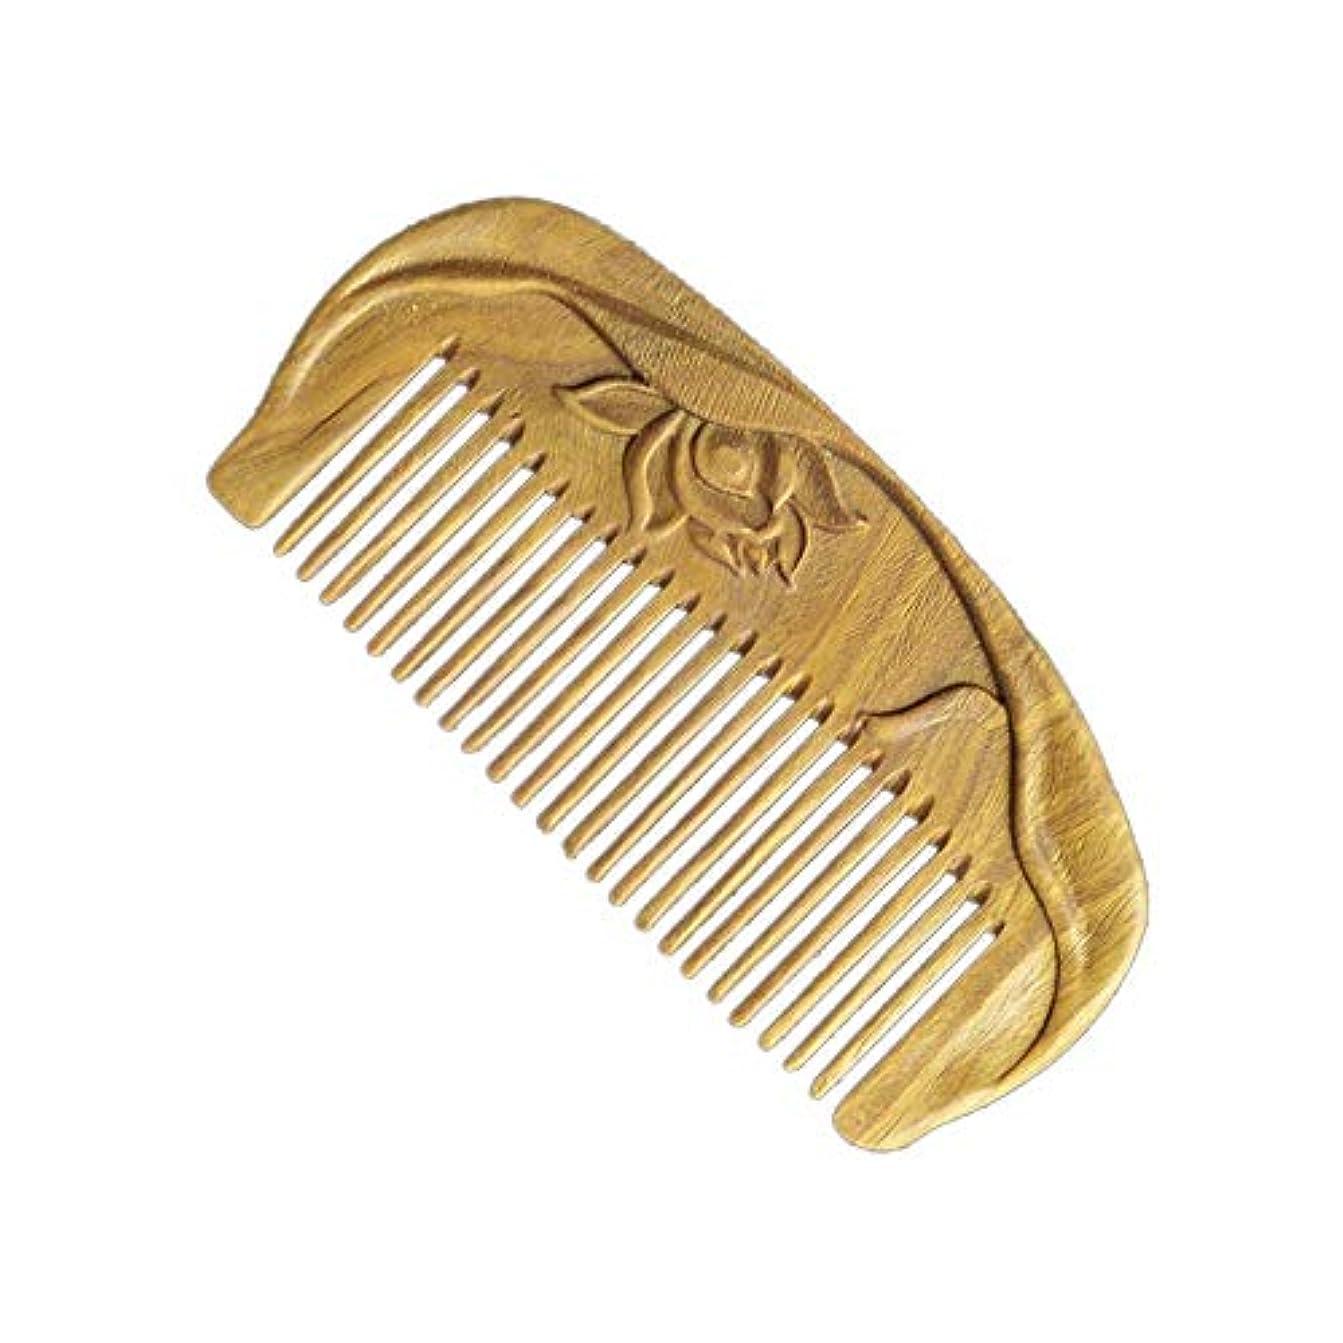 政治的あいさつディーラーVDGHA 木毛 ブラシくしセットパドルくし櫛くし男性女性ウェットドライカーリーストレートヘアブラシブラシ手作り木製抗静的マッサージエアバッグ サンダルウッドの自然な髪の櫛